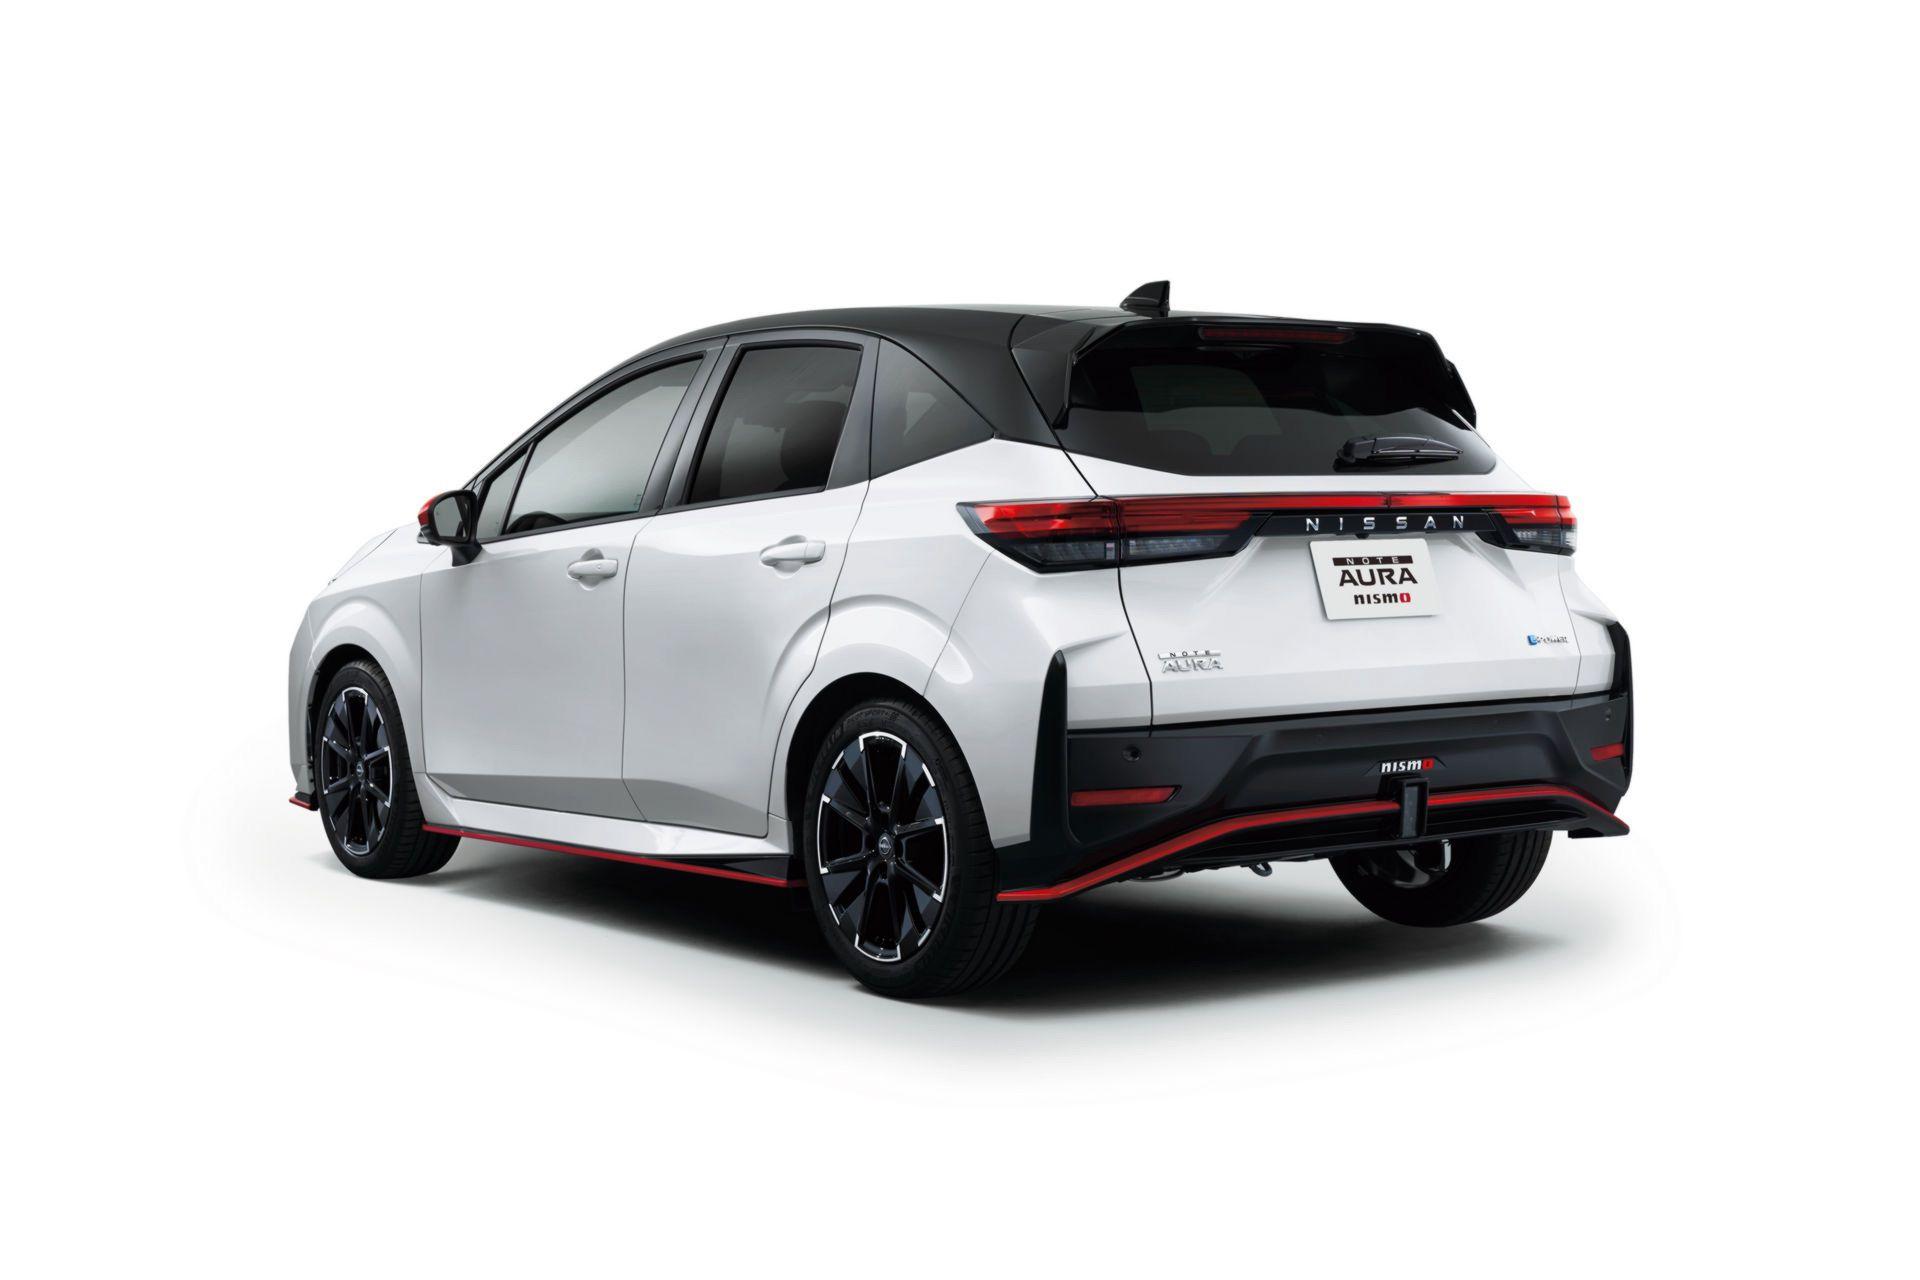 2022_Nissan_Note_Aura_Nismo-0001